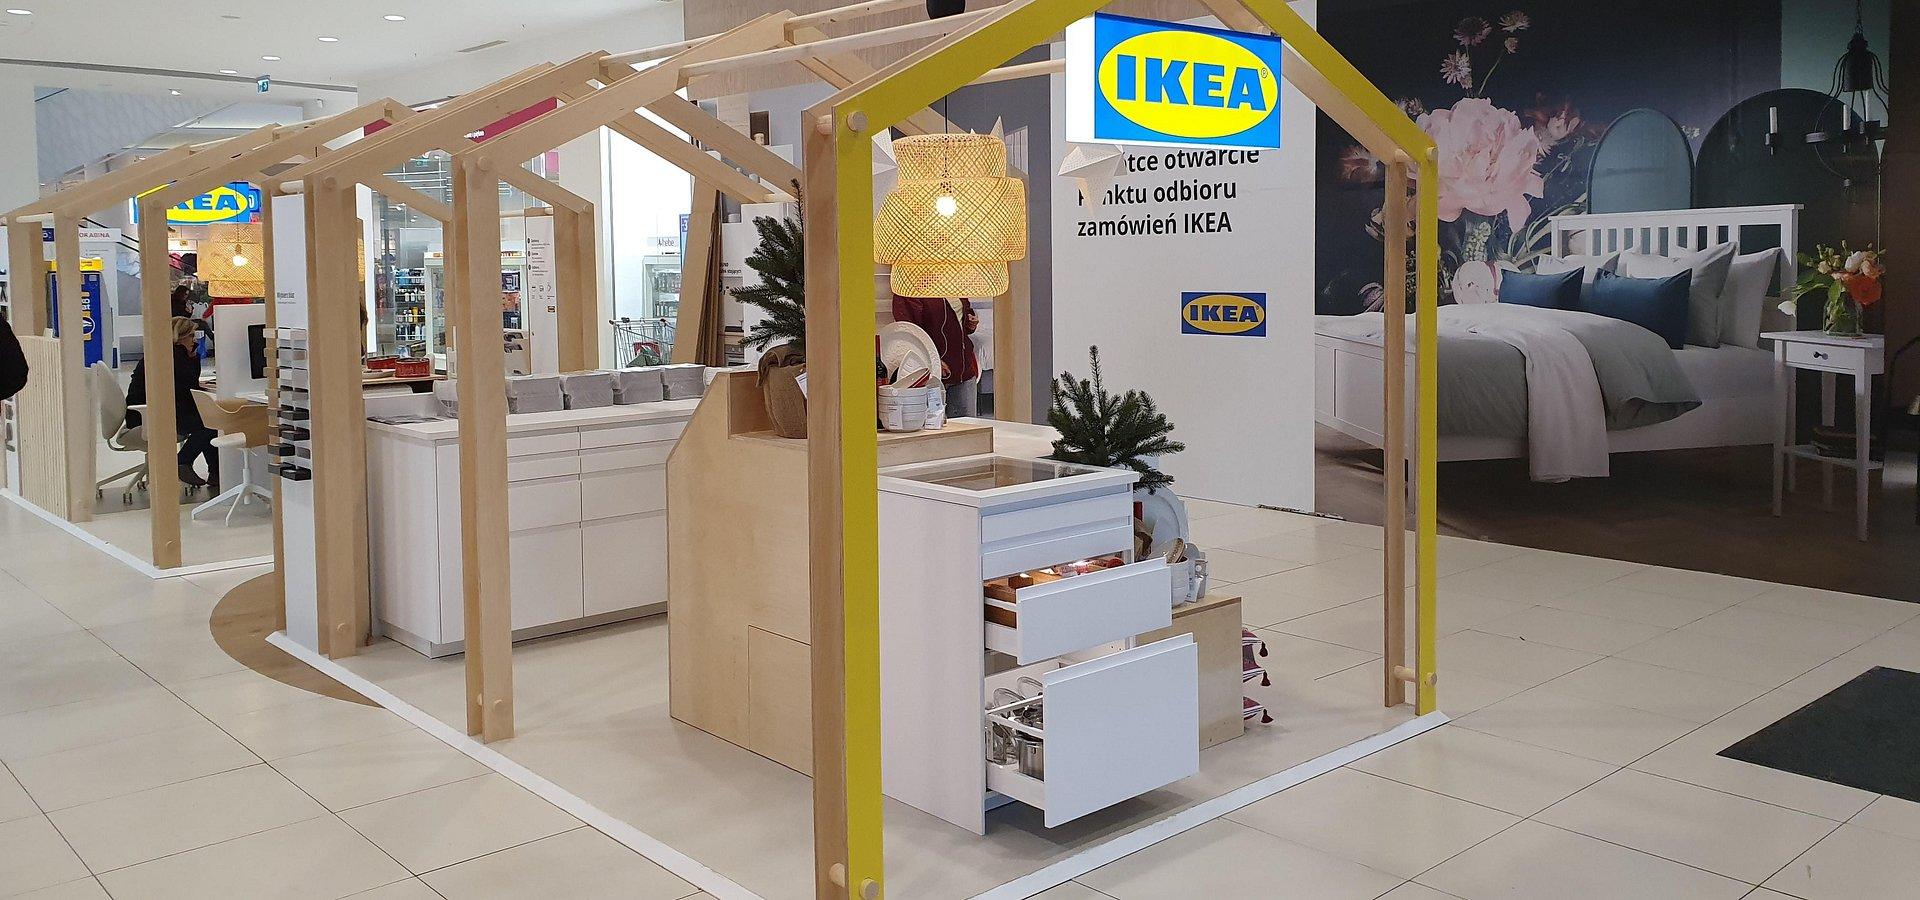 IKEA Bliżej – nowy punkt w CH Wola Park